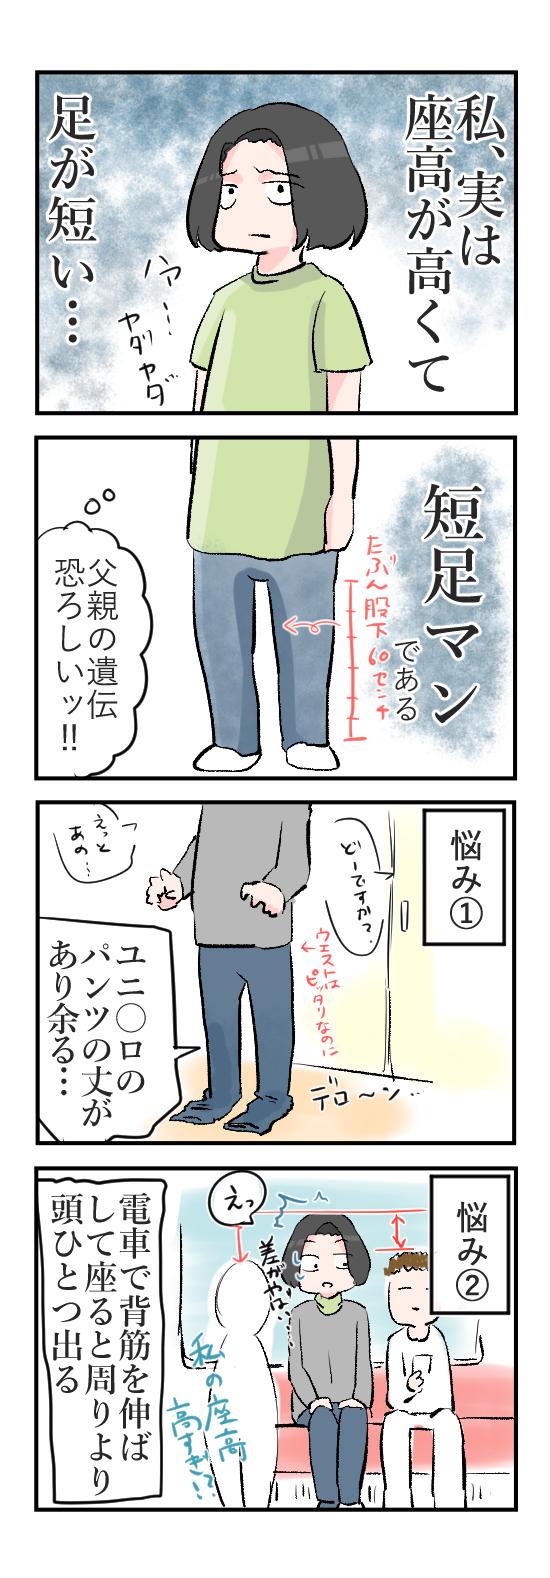 短足の悩みといえばズボンの裾が余ることと座高の高さが目立つことなので4コマ漫画にしてみました